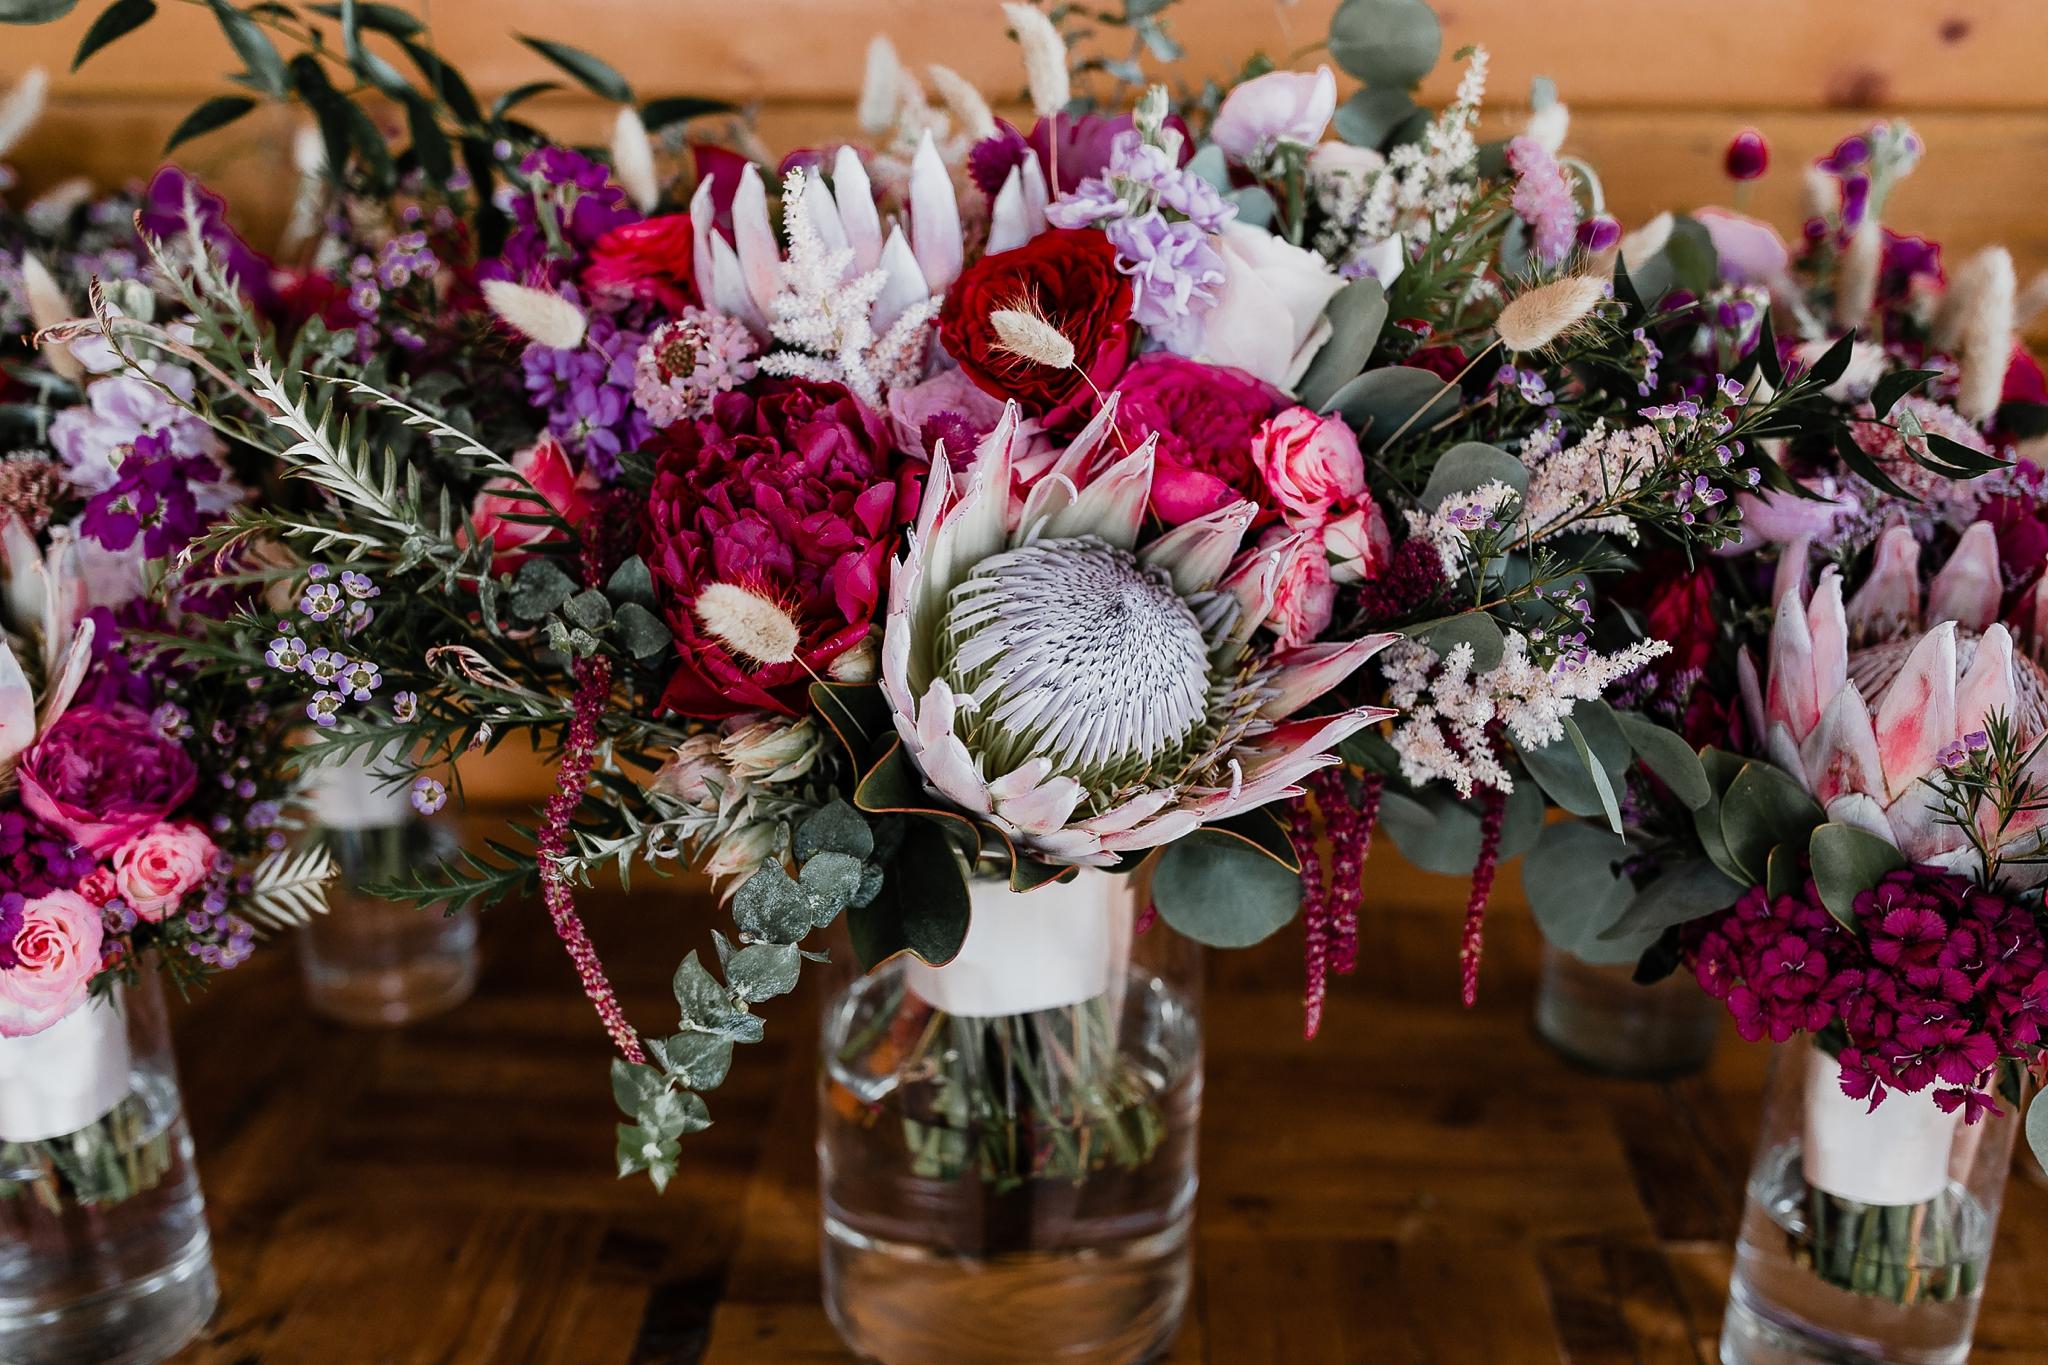 Alicia+lucia+photography+-+albuquerque+wedding+photographer+-+santa+fe+wedding+photography+-+new+mexico+wedding+photographer+-+new+mexico+wedding+-+new+mexico+wedding+-+barn+wedding+-+enchanted+vine+barn+wedding+-+ruidoso+wedding_0009.jpg